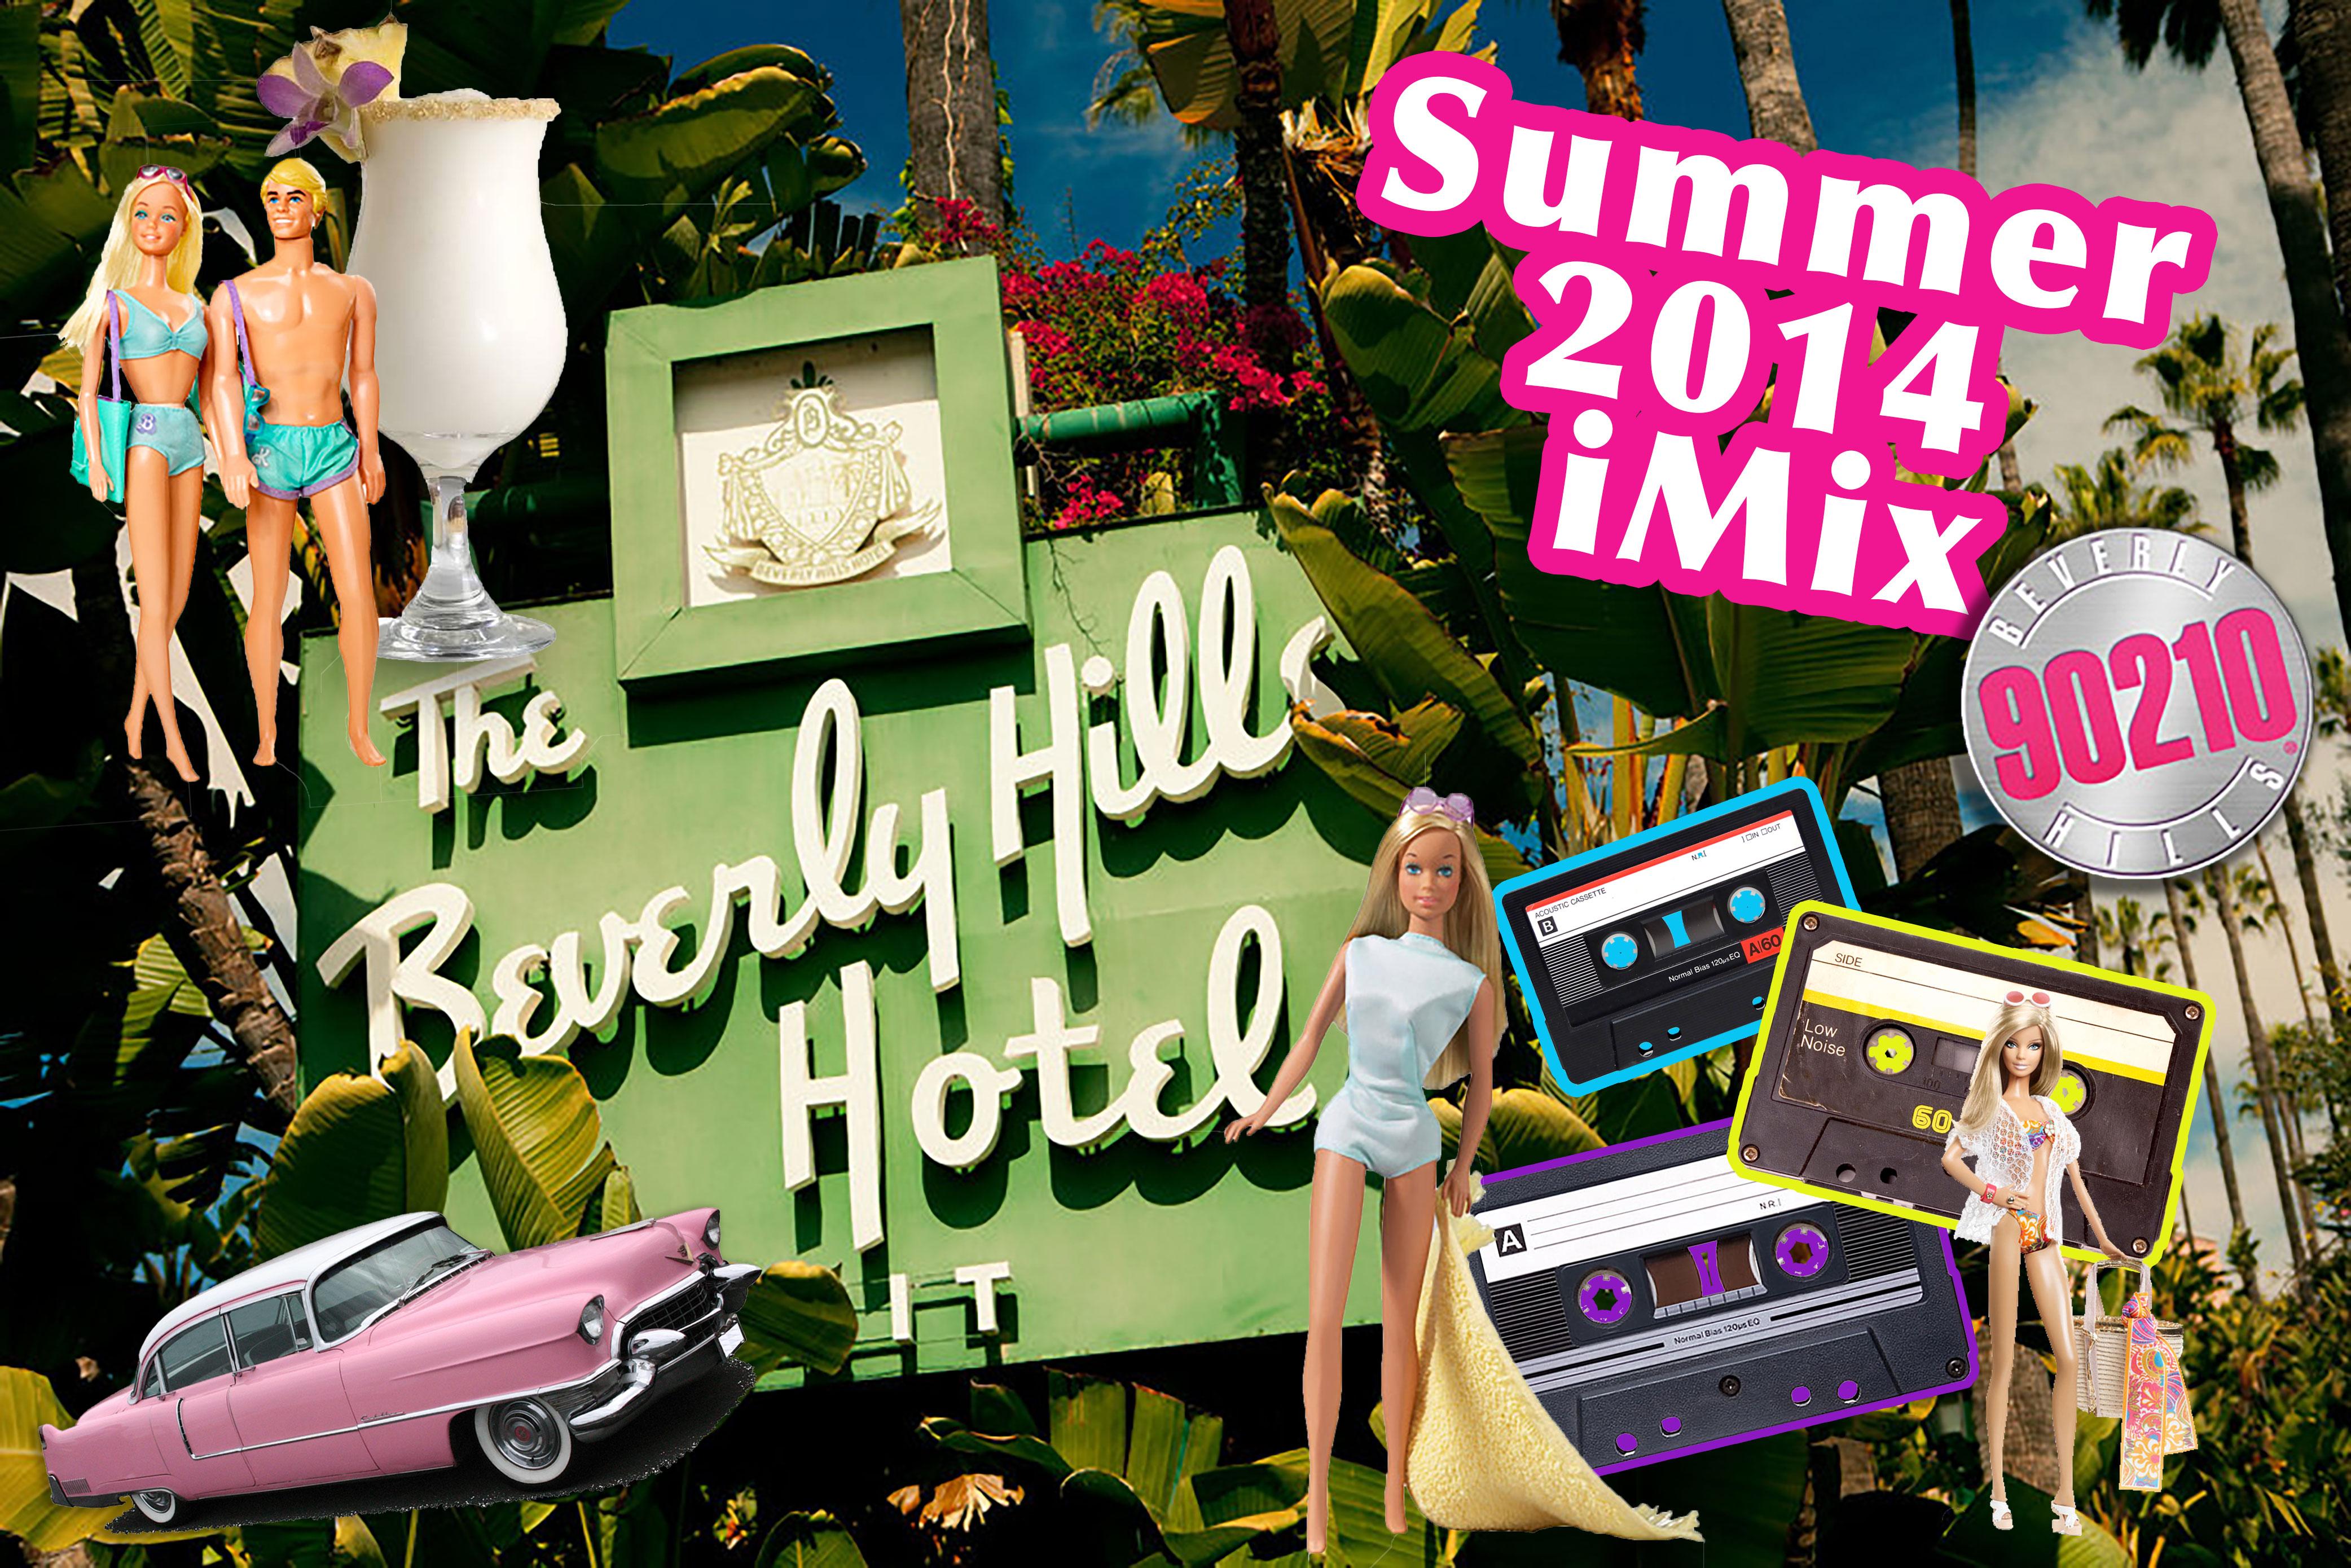 Summer-2014-iMix